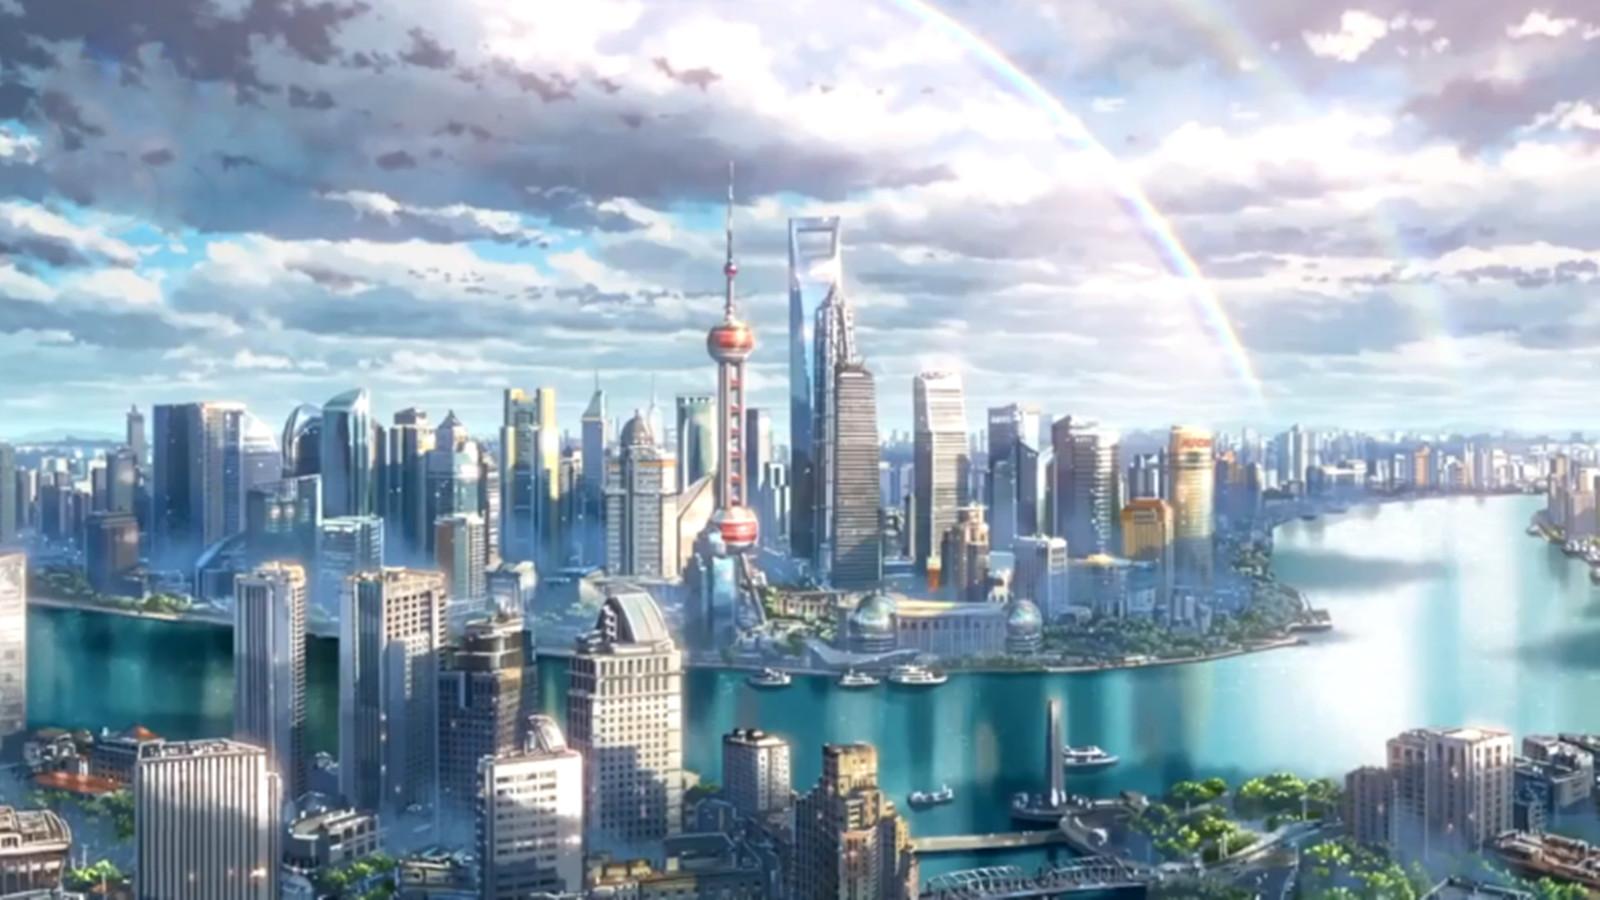 建筑材料发展方向:新型节能材料成趋势